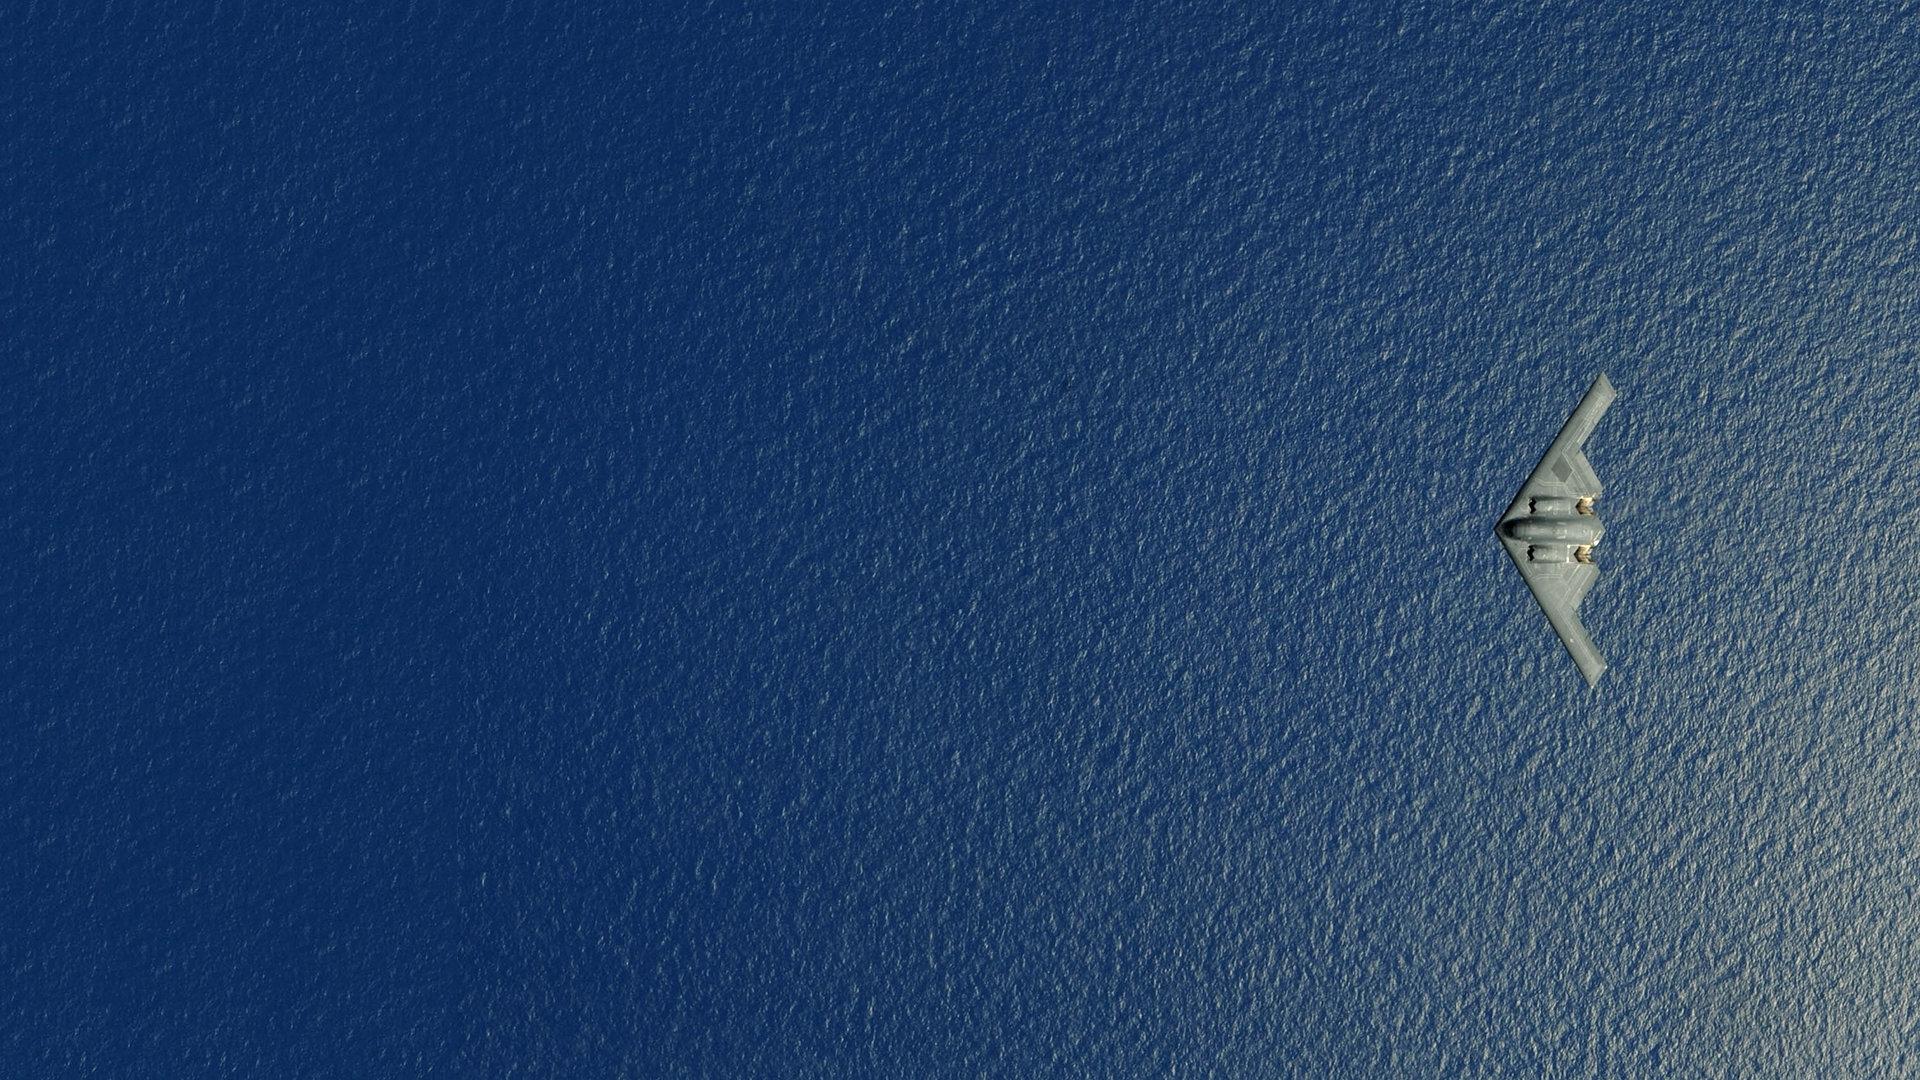 Northrop Grumman B 2 Spirit wallpapers HD for desktop backgrounds 1920x1080